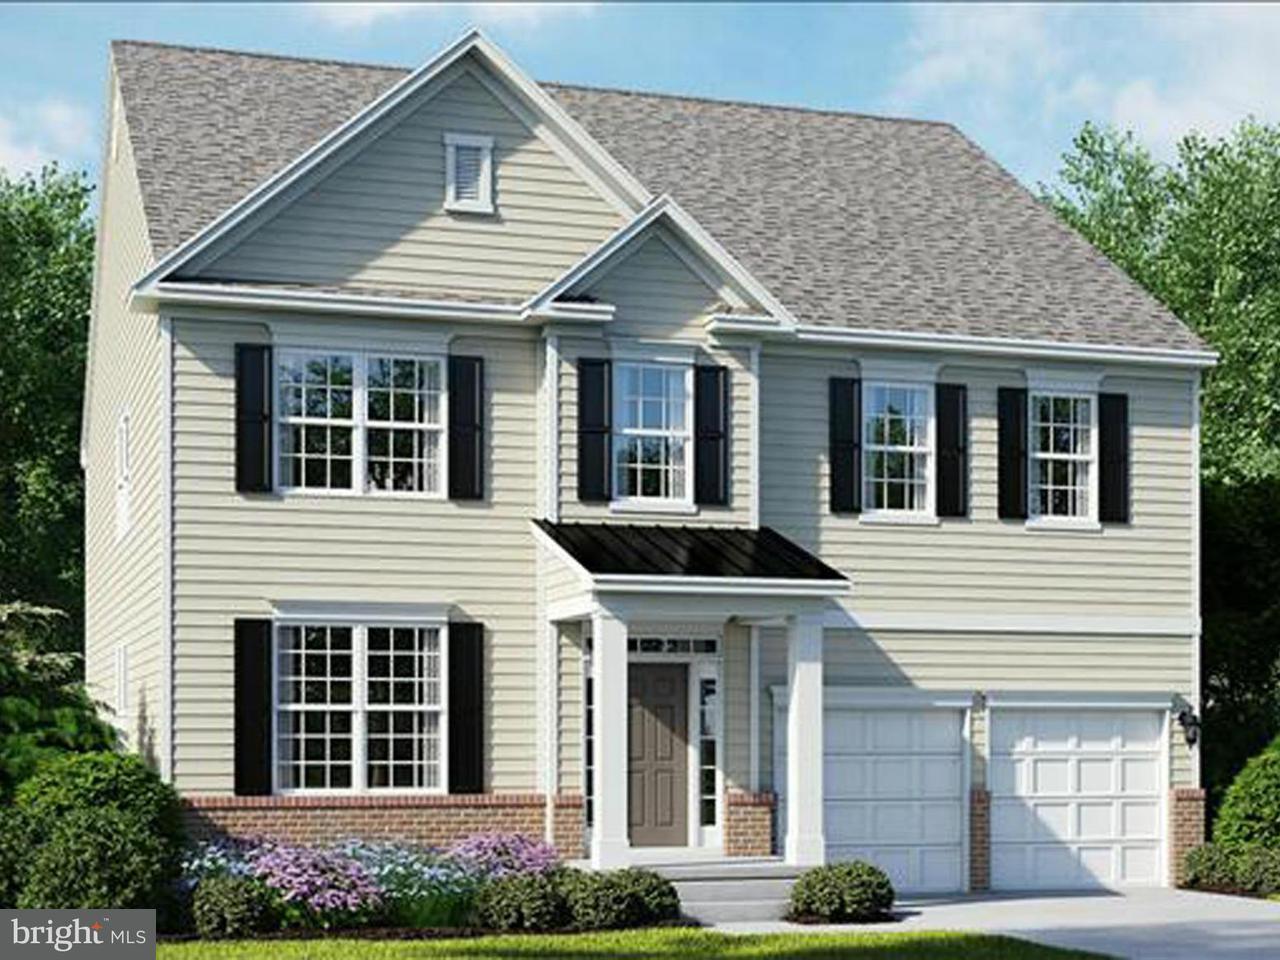 獨棟家庭住宅 為 出售 在 383 MORGAN RUN Road 383 MORGAN RUN Road Middle River, 馬里蘭州 21220 美國